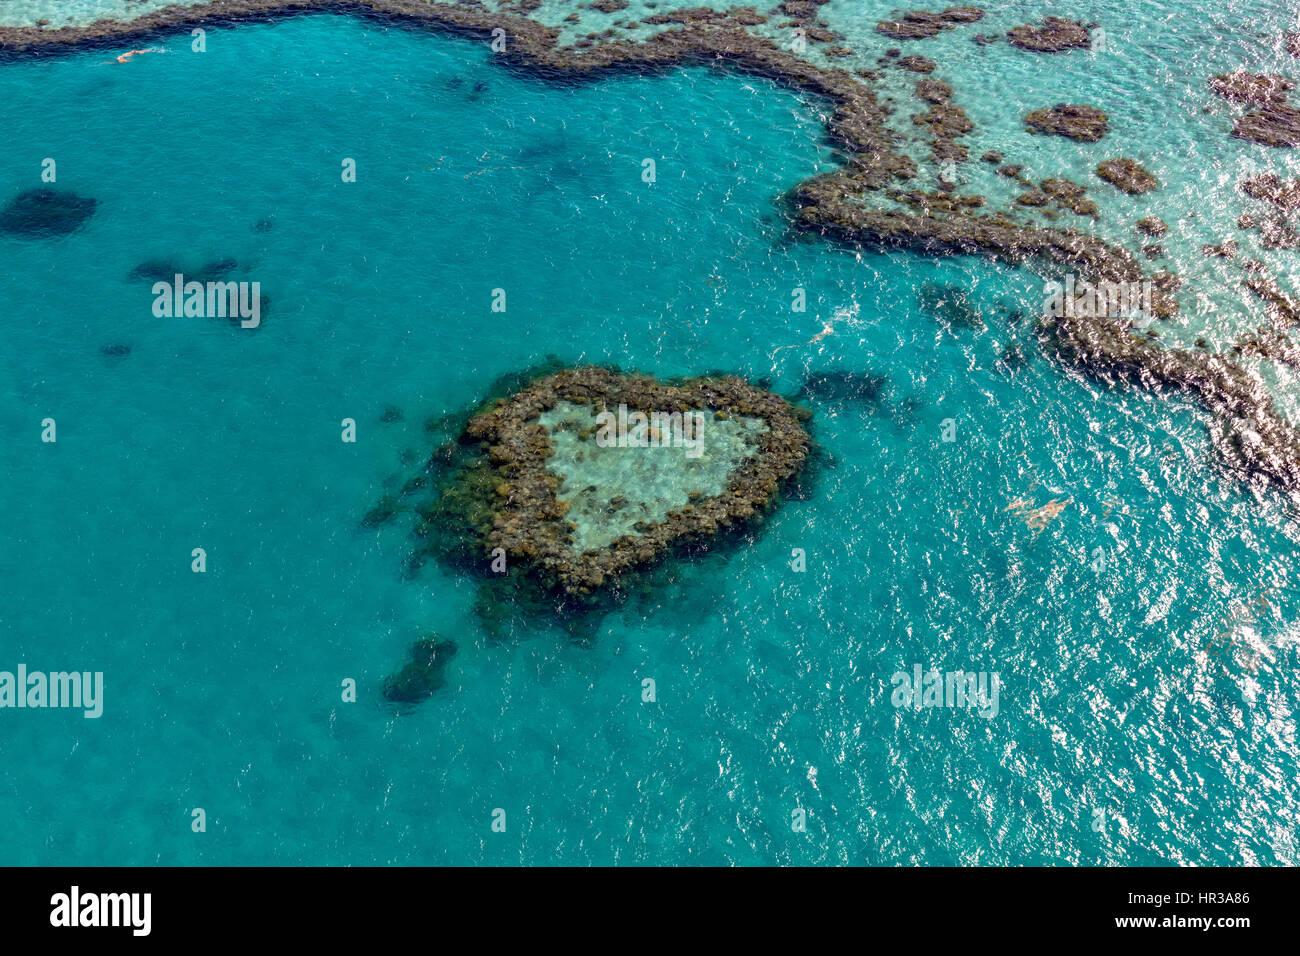 Coral Reef, cuore Reef, parte di Hardy Reef, la Grande Barriera Corallina, Queensland, Australia Foto Stock